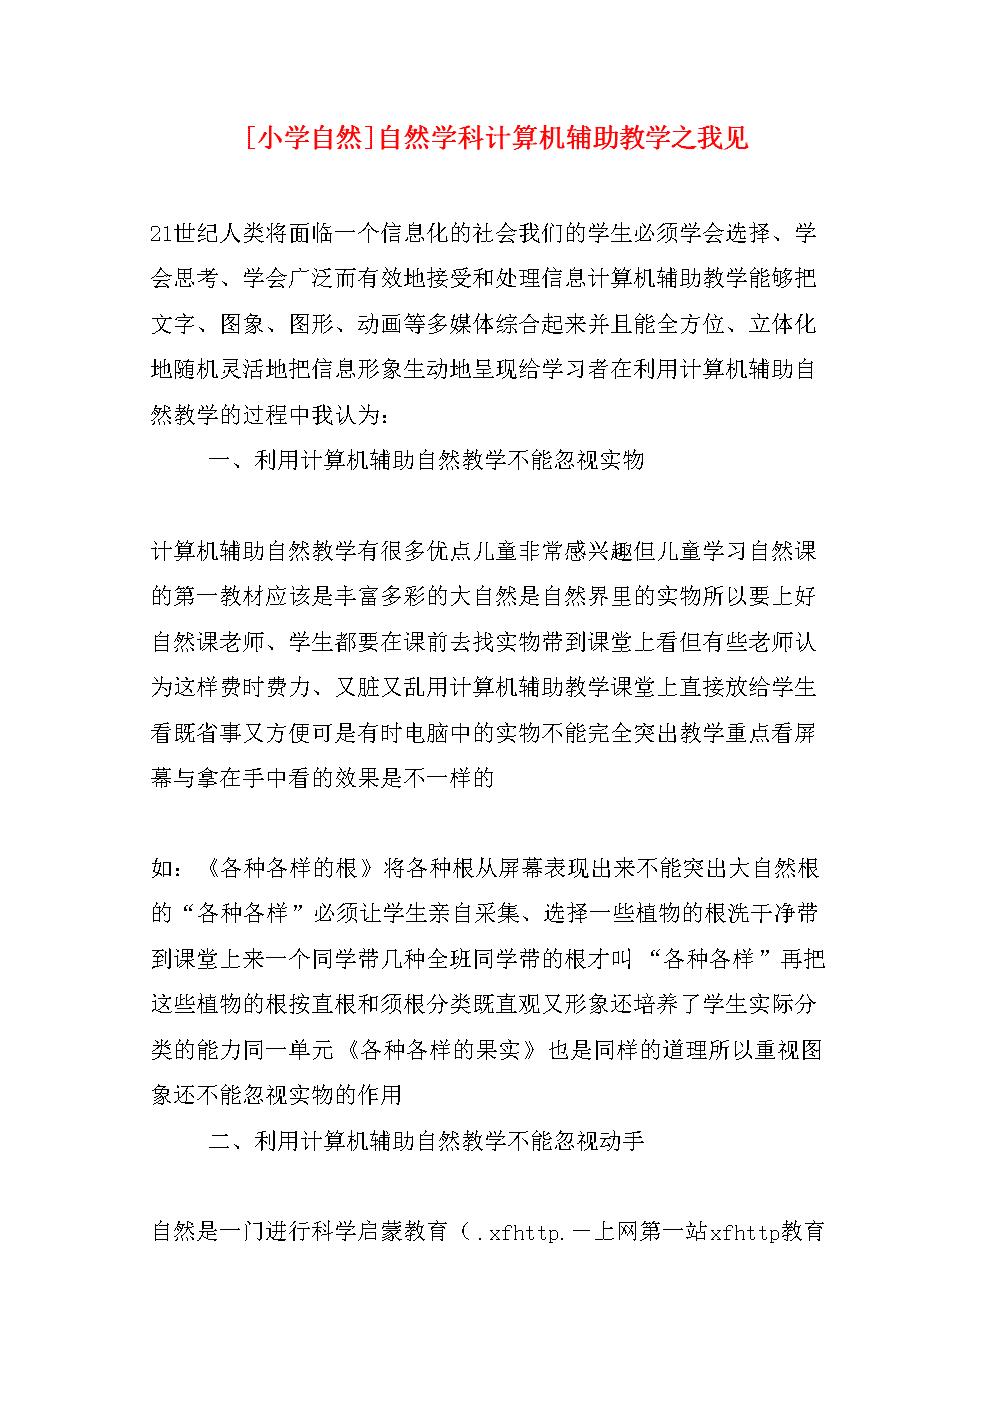 [小學自然]自然學科計算機輔助教學之我見.doc